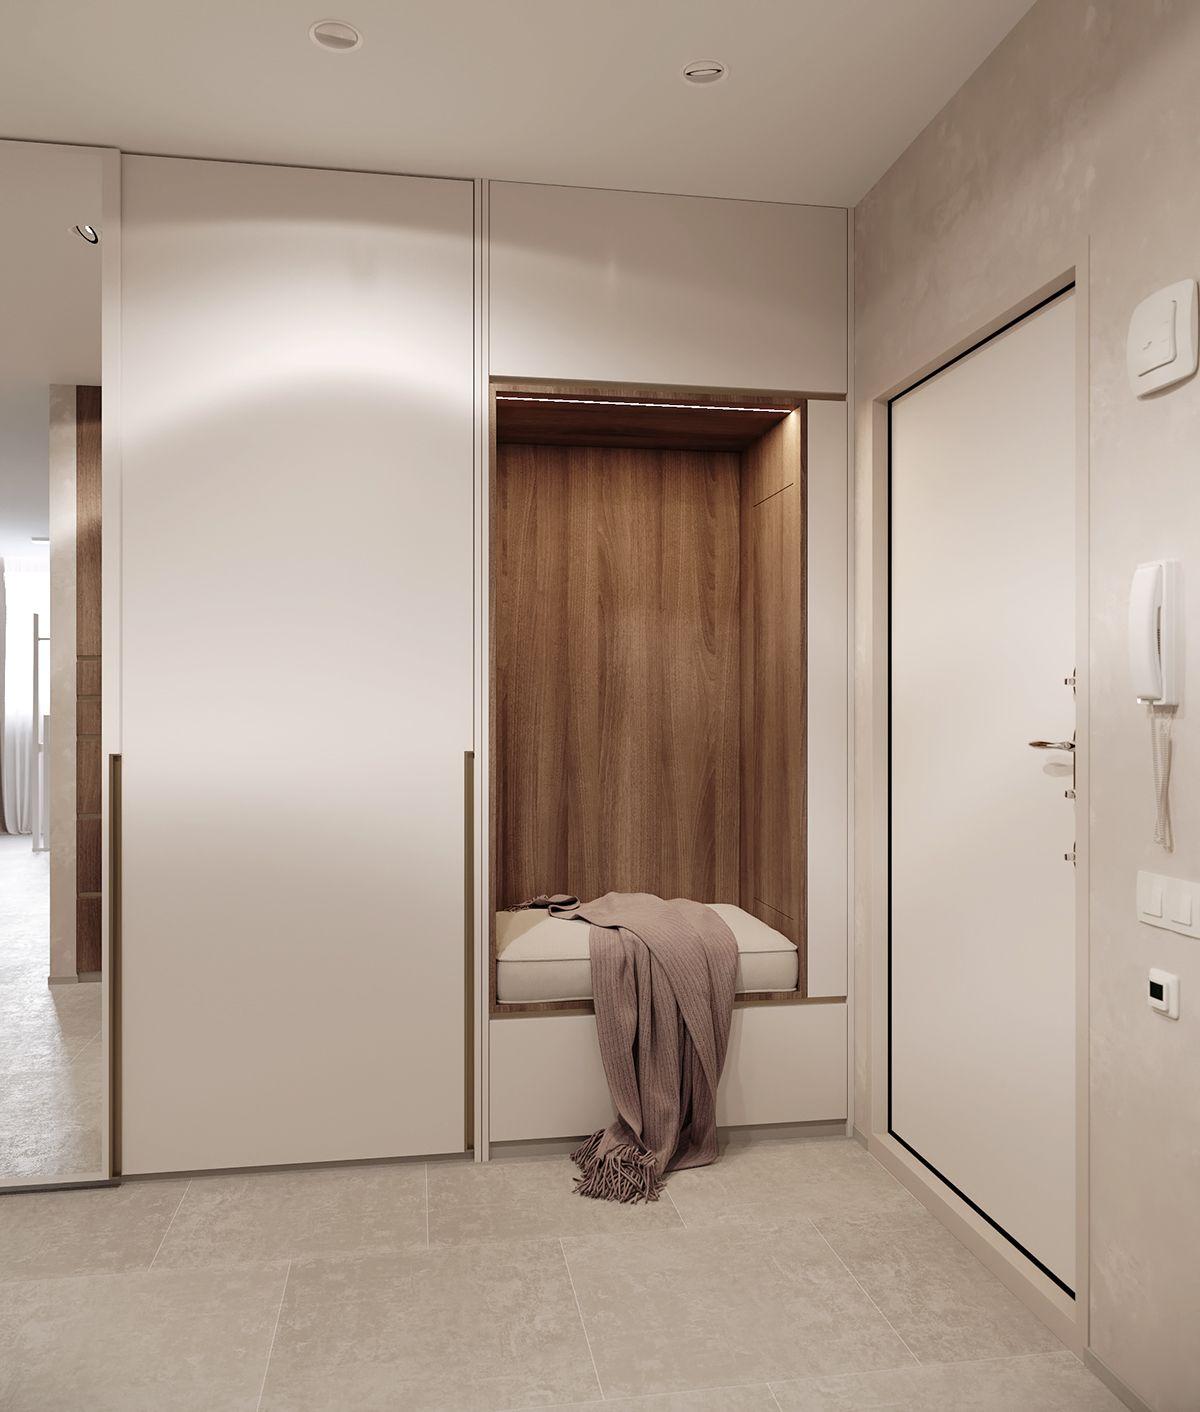 pinterest garderobe haus und vorraum. Black Bedroom Furniture Sets. Home Design Ideas